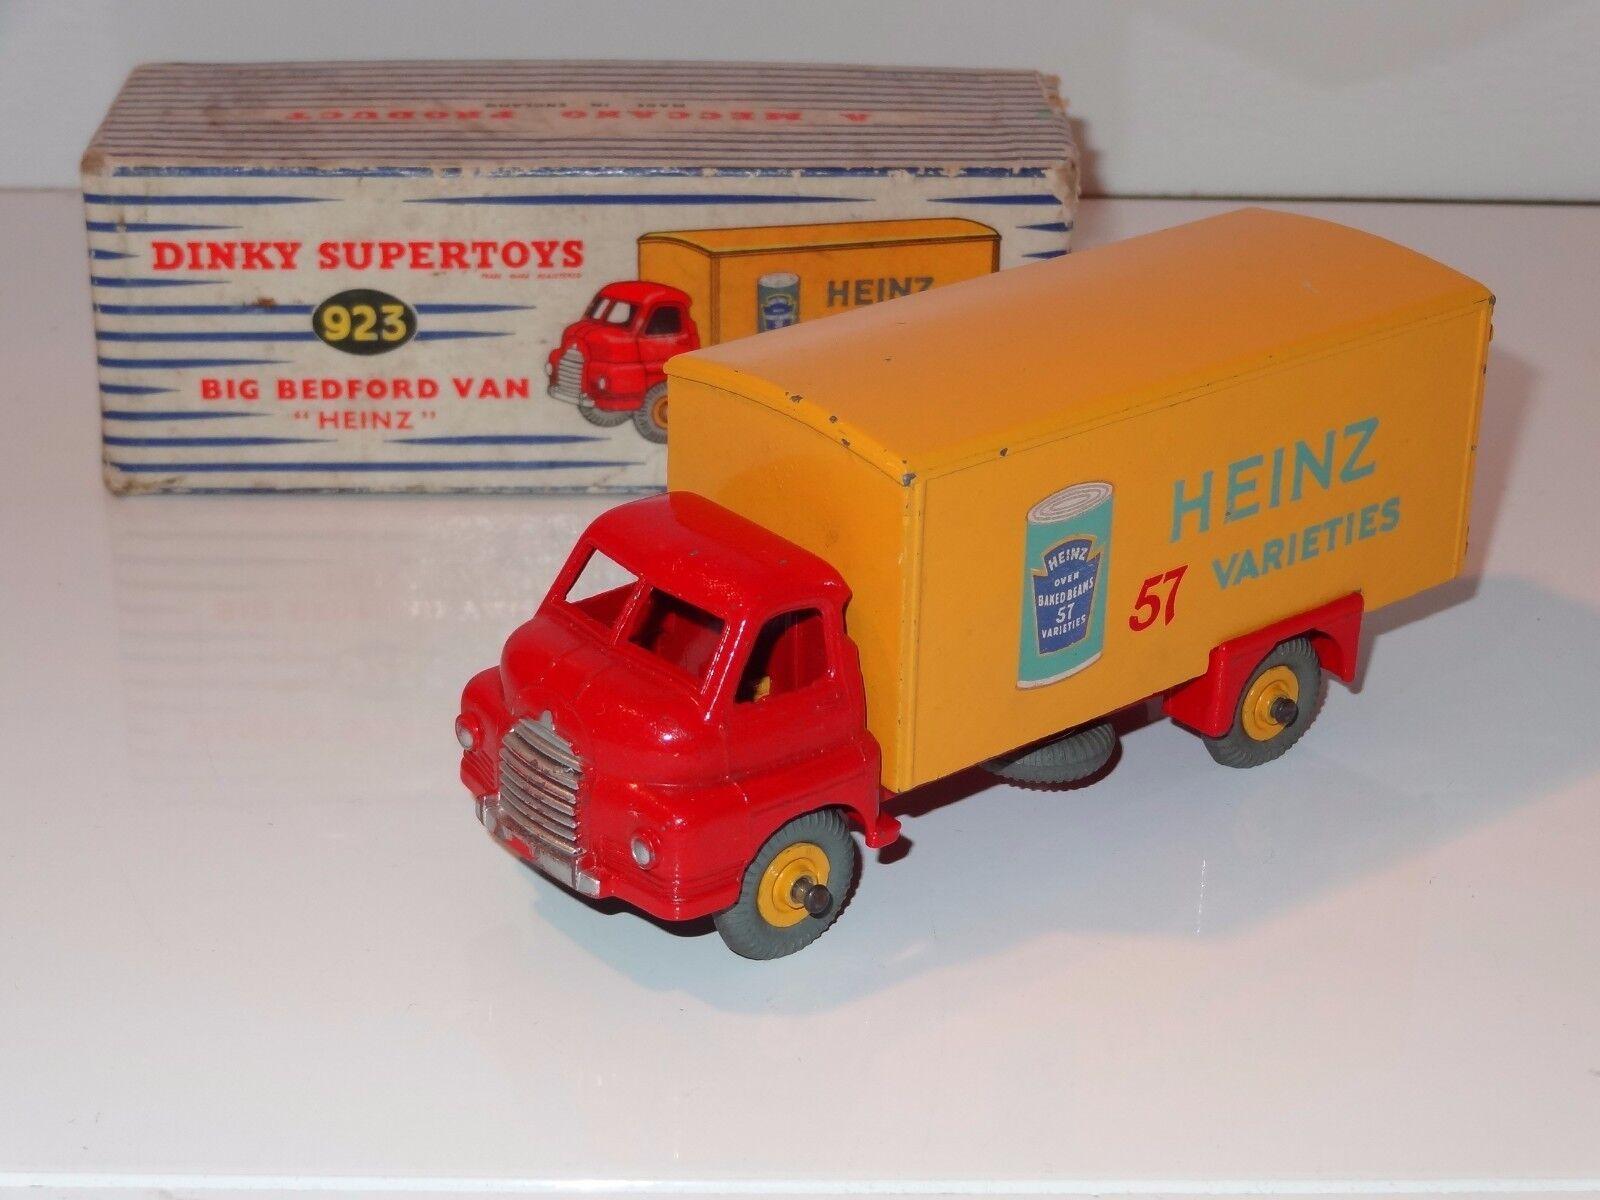 barato (W) Dinky Big Bedford Heinz van - 923 923 923  primera reputación de los clientes primero